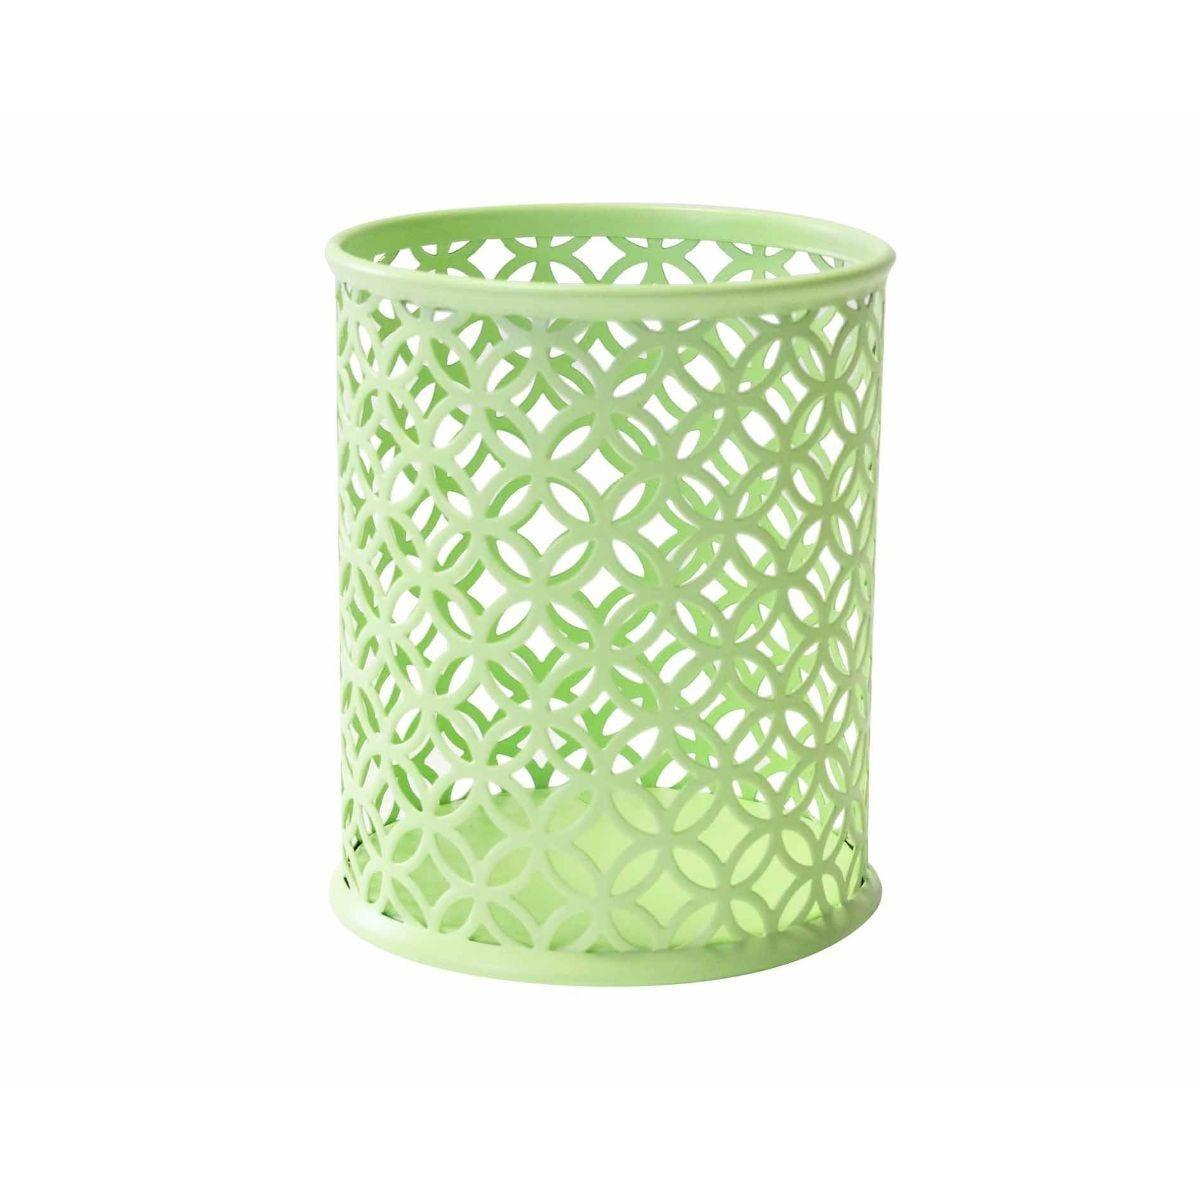 Ryman Geometric Metal Pen Pot Pastel Green